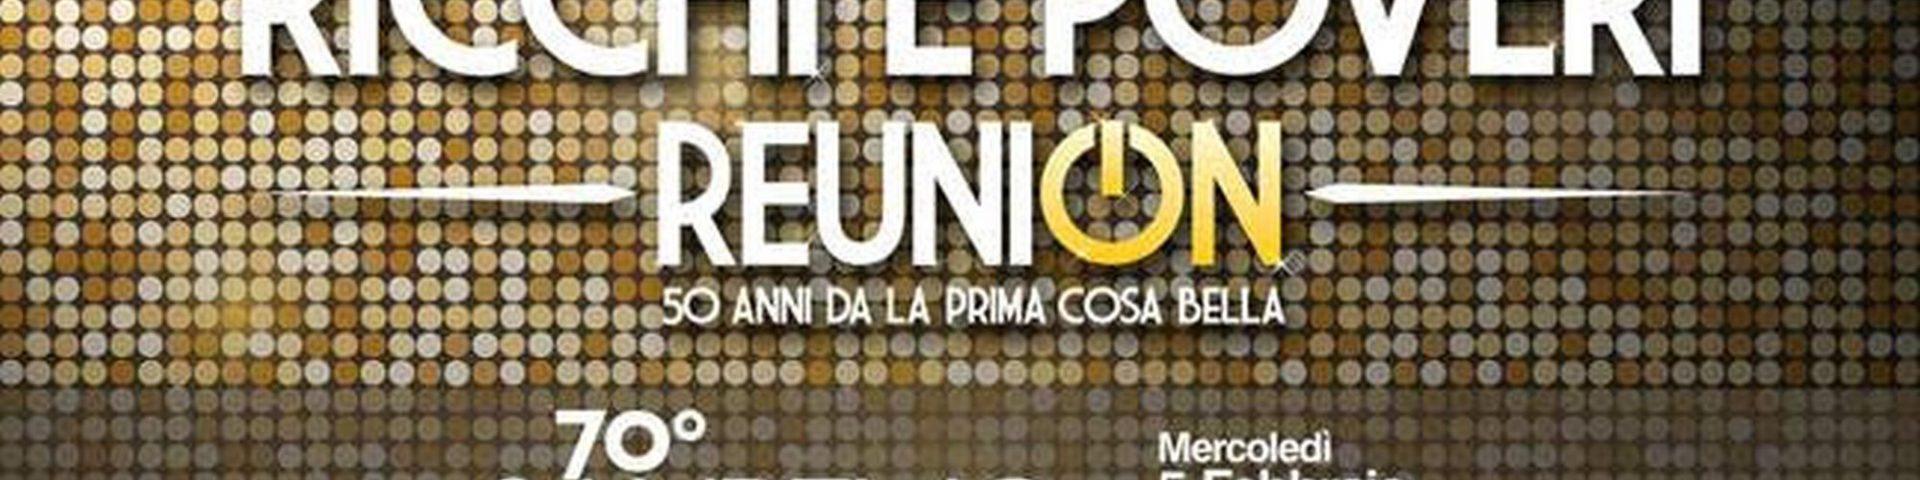 ReuniON dei Ricchi e Poveri a Sanremo 2020: tutti i dettagli